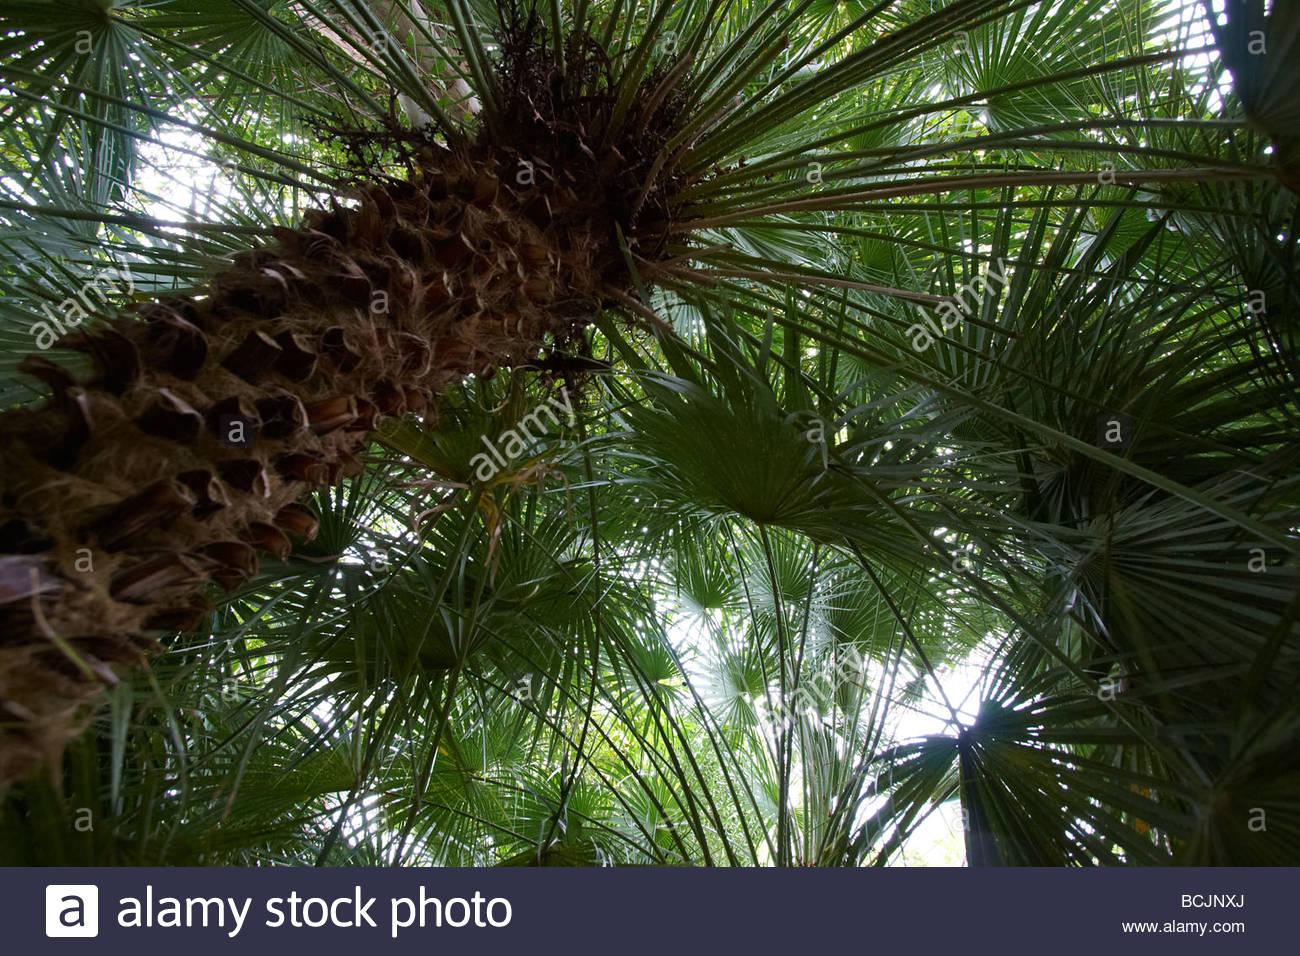 Palm trees jardin botanico puerto de la cruz for Jardin botanico de tenerife